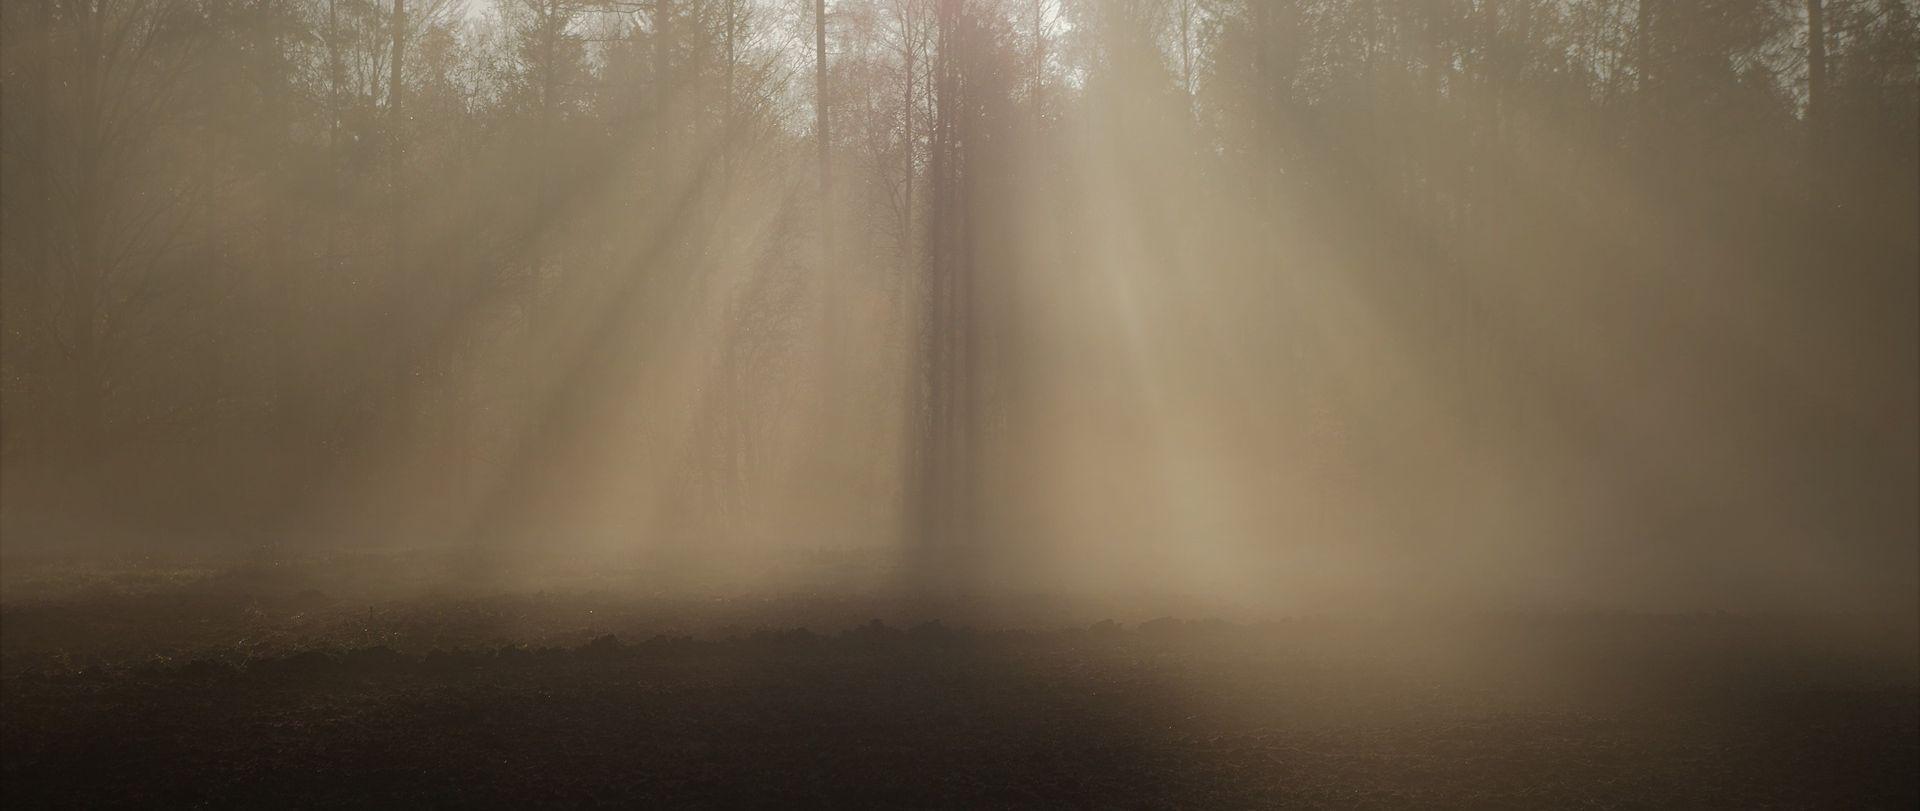 Magla u unutrašnjosti, poslijepodne sunčano